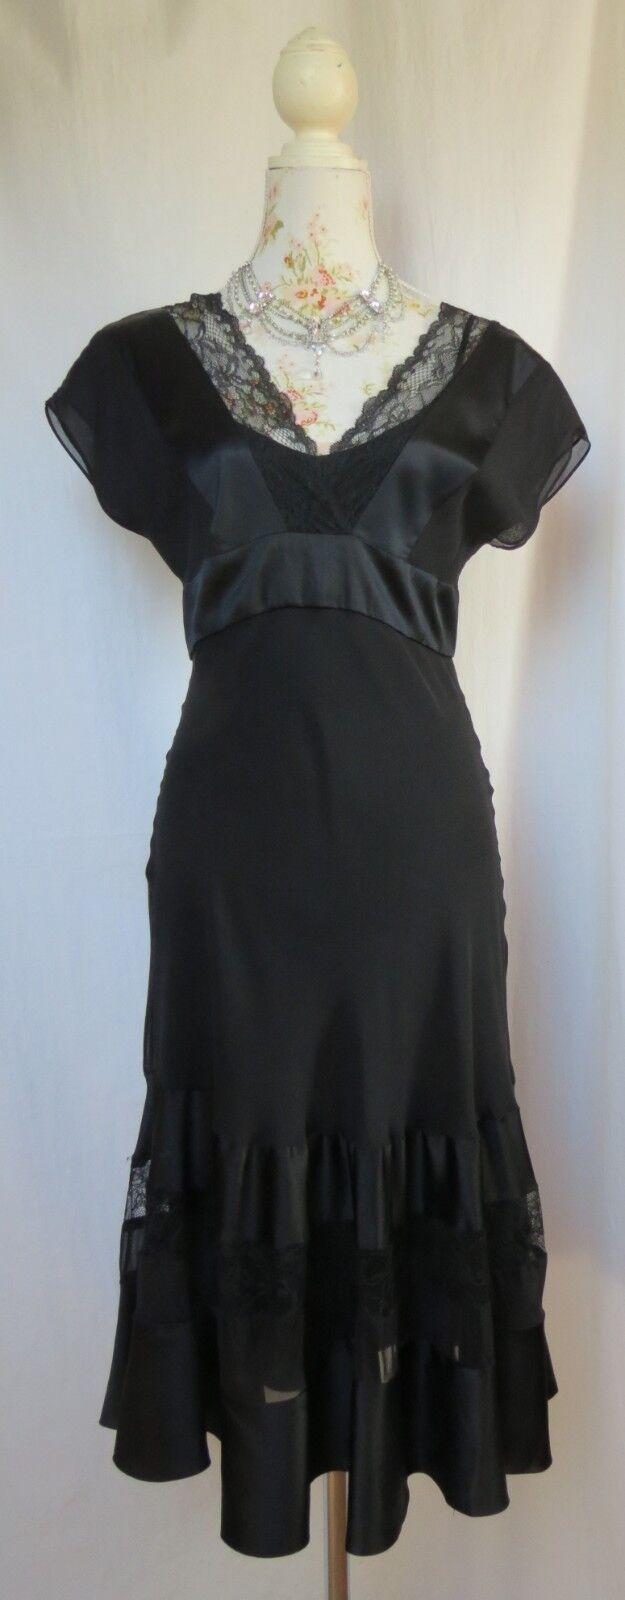 Diane von Fürstenberg Seidenkleid schwarz Spitze Us 4 34 36 Seide Cocktailkleid